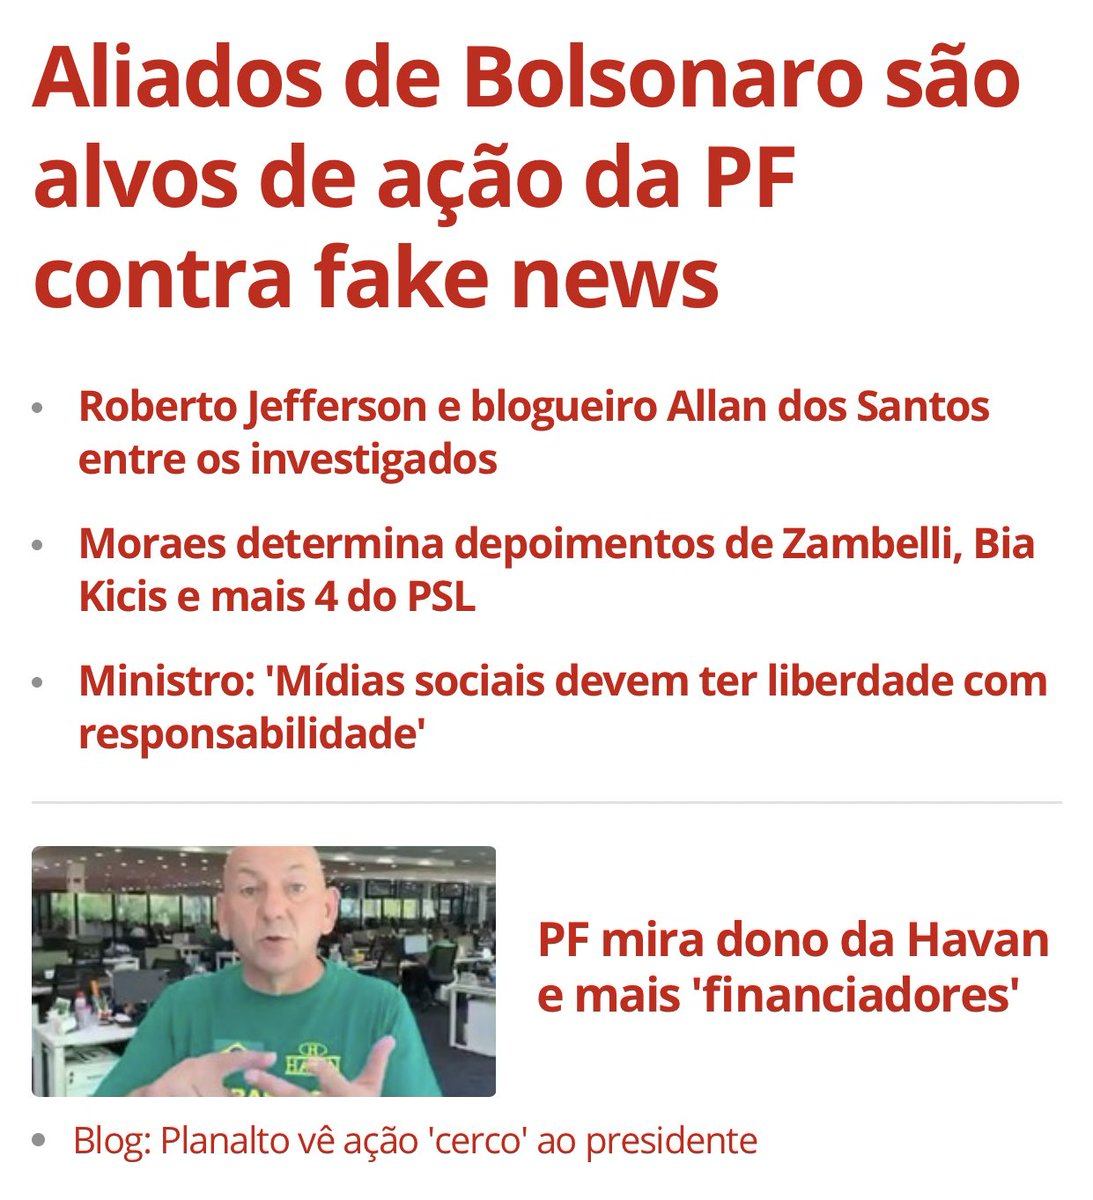 Obrigado, Brasil, por este momento.  Tem que cair um por um no esquema das fake-news. Cadeia neles!